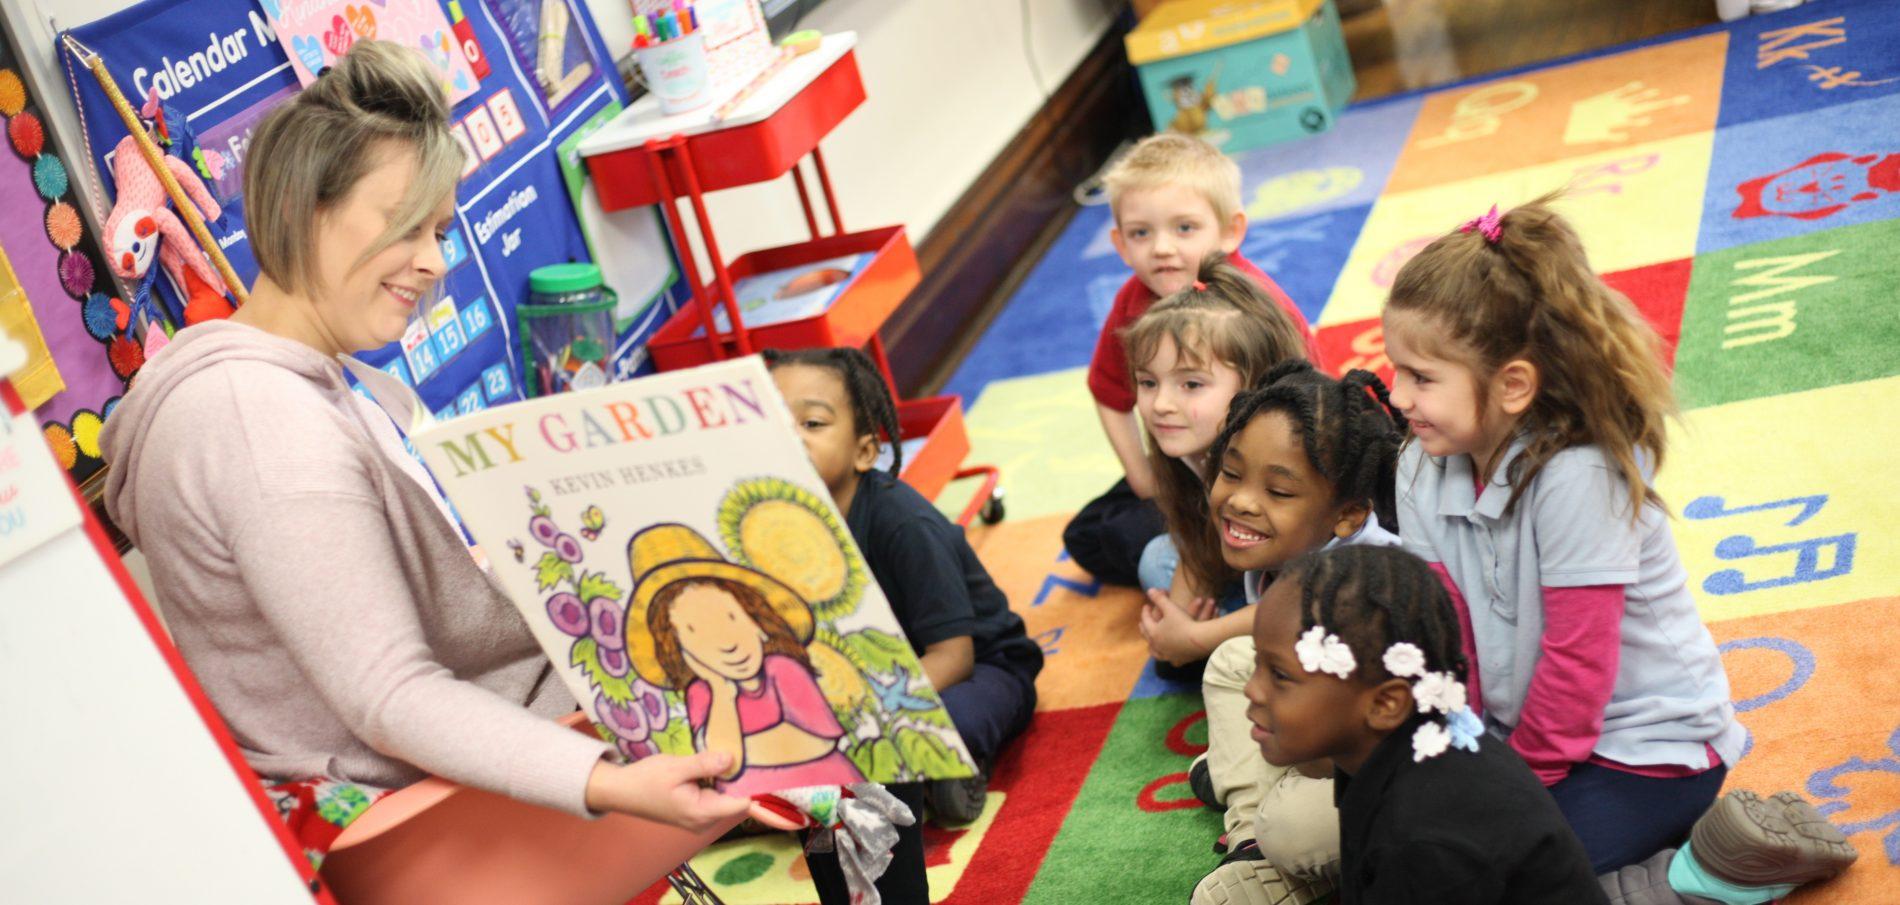 K 8 Community School of Choice   Lincoln Park Academy